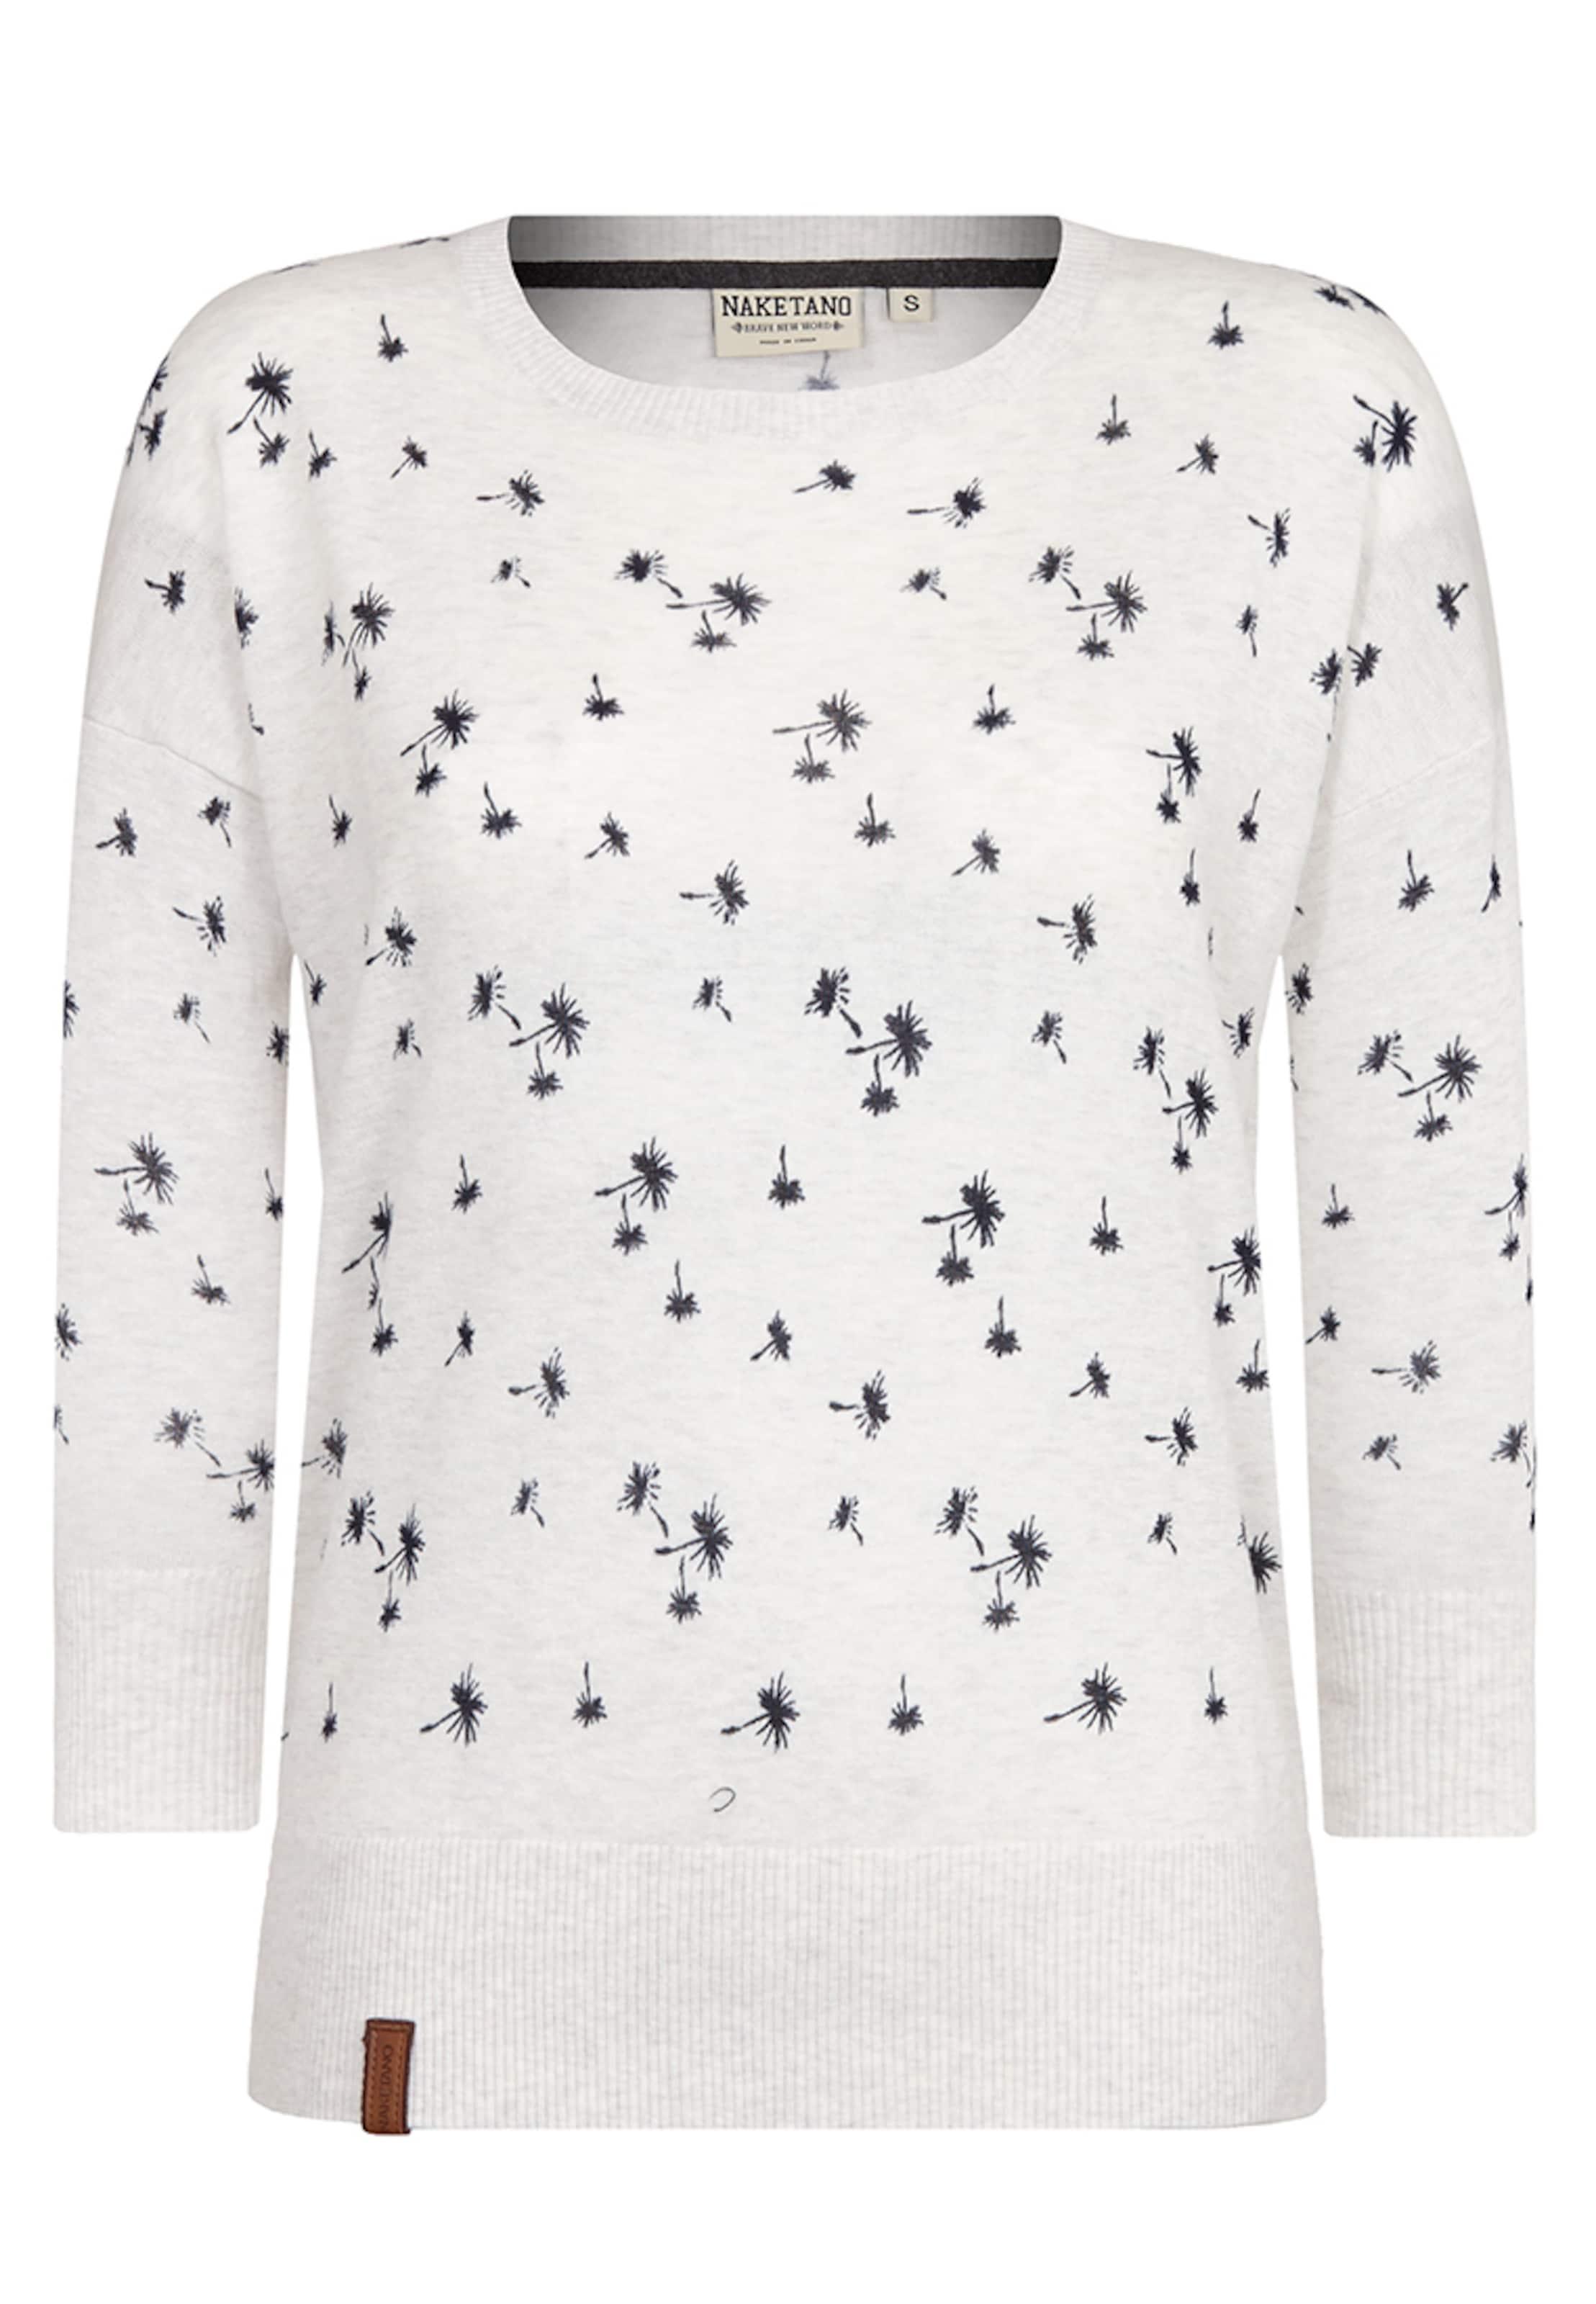 Billig Verkauf Erstaunlicher Preis Verkauf Niedrigen Preis Versandgebühr naketano Female Knit Günstig Kaufen Ebay Günstiger Online-Shop 6GG51i7tqA